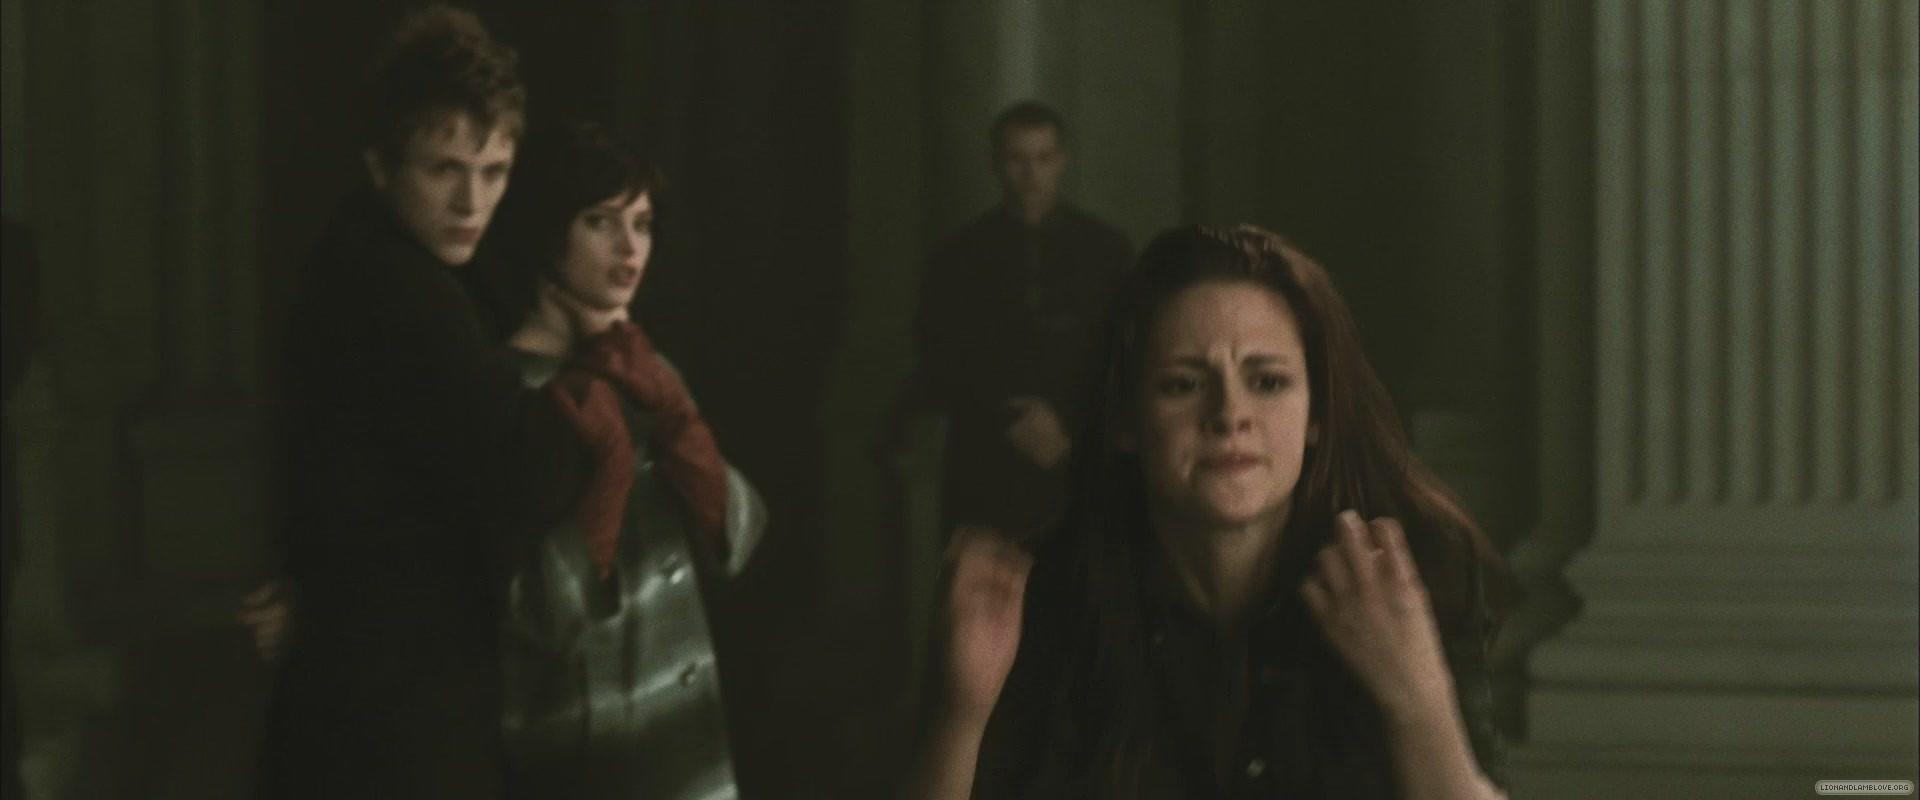 Volturi scene